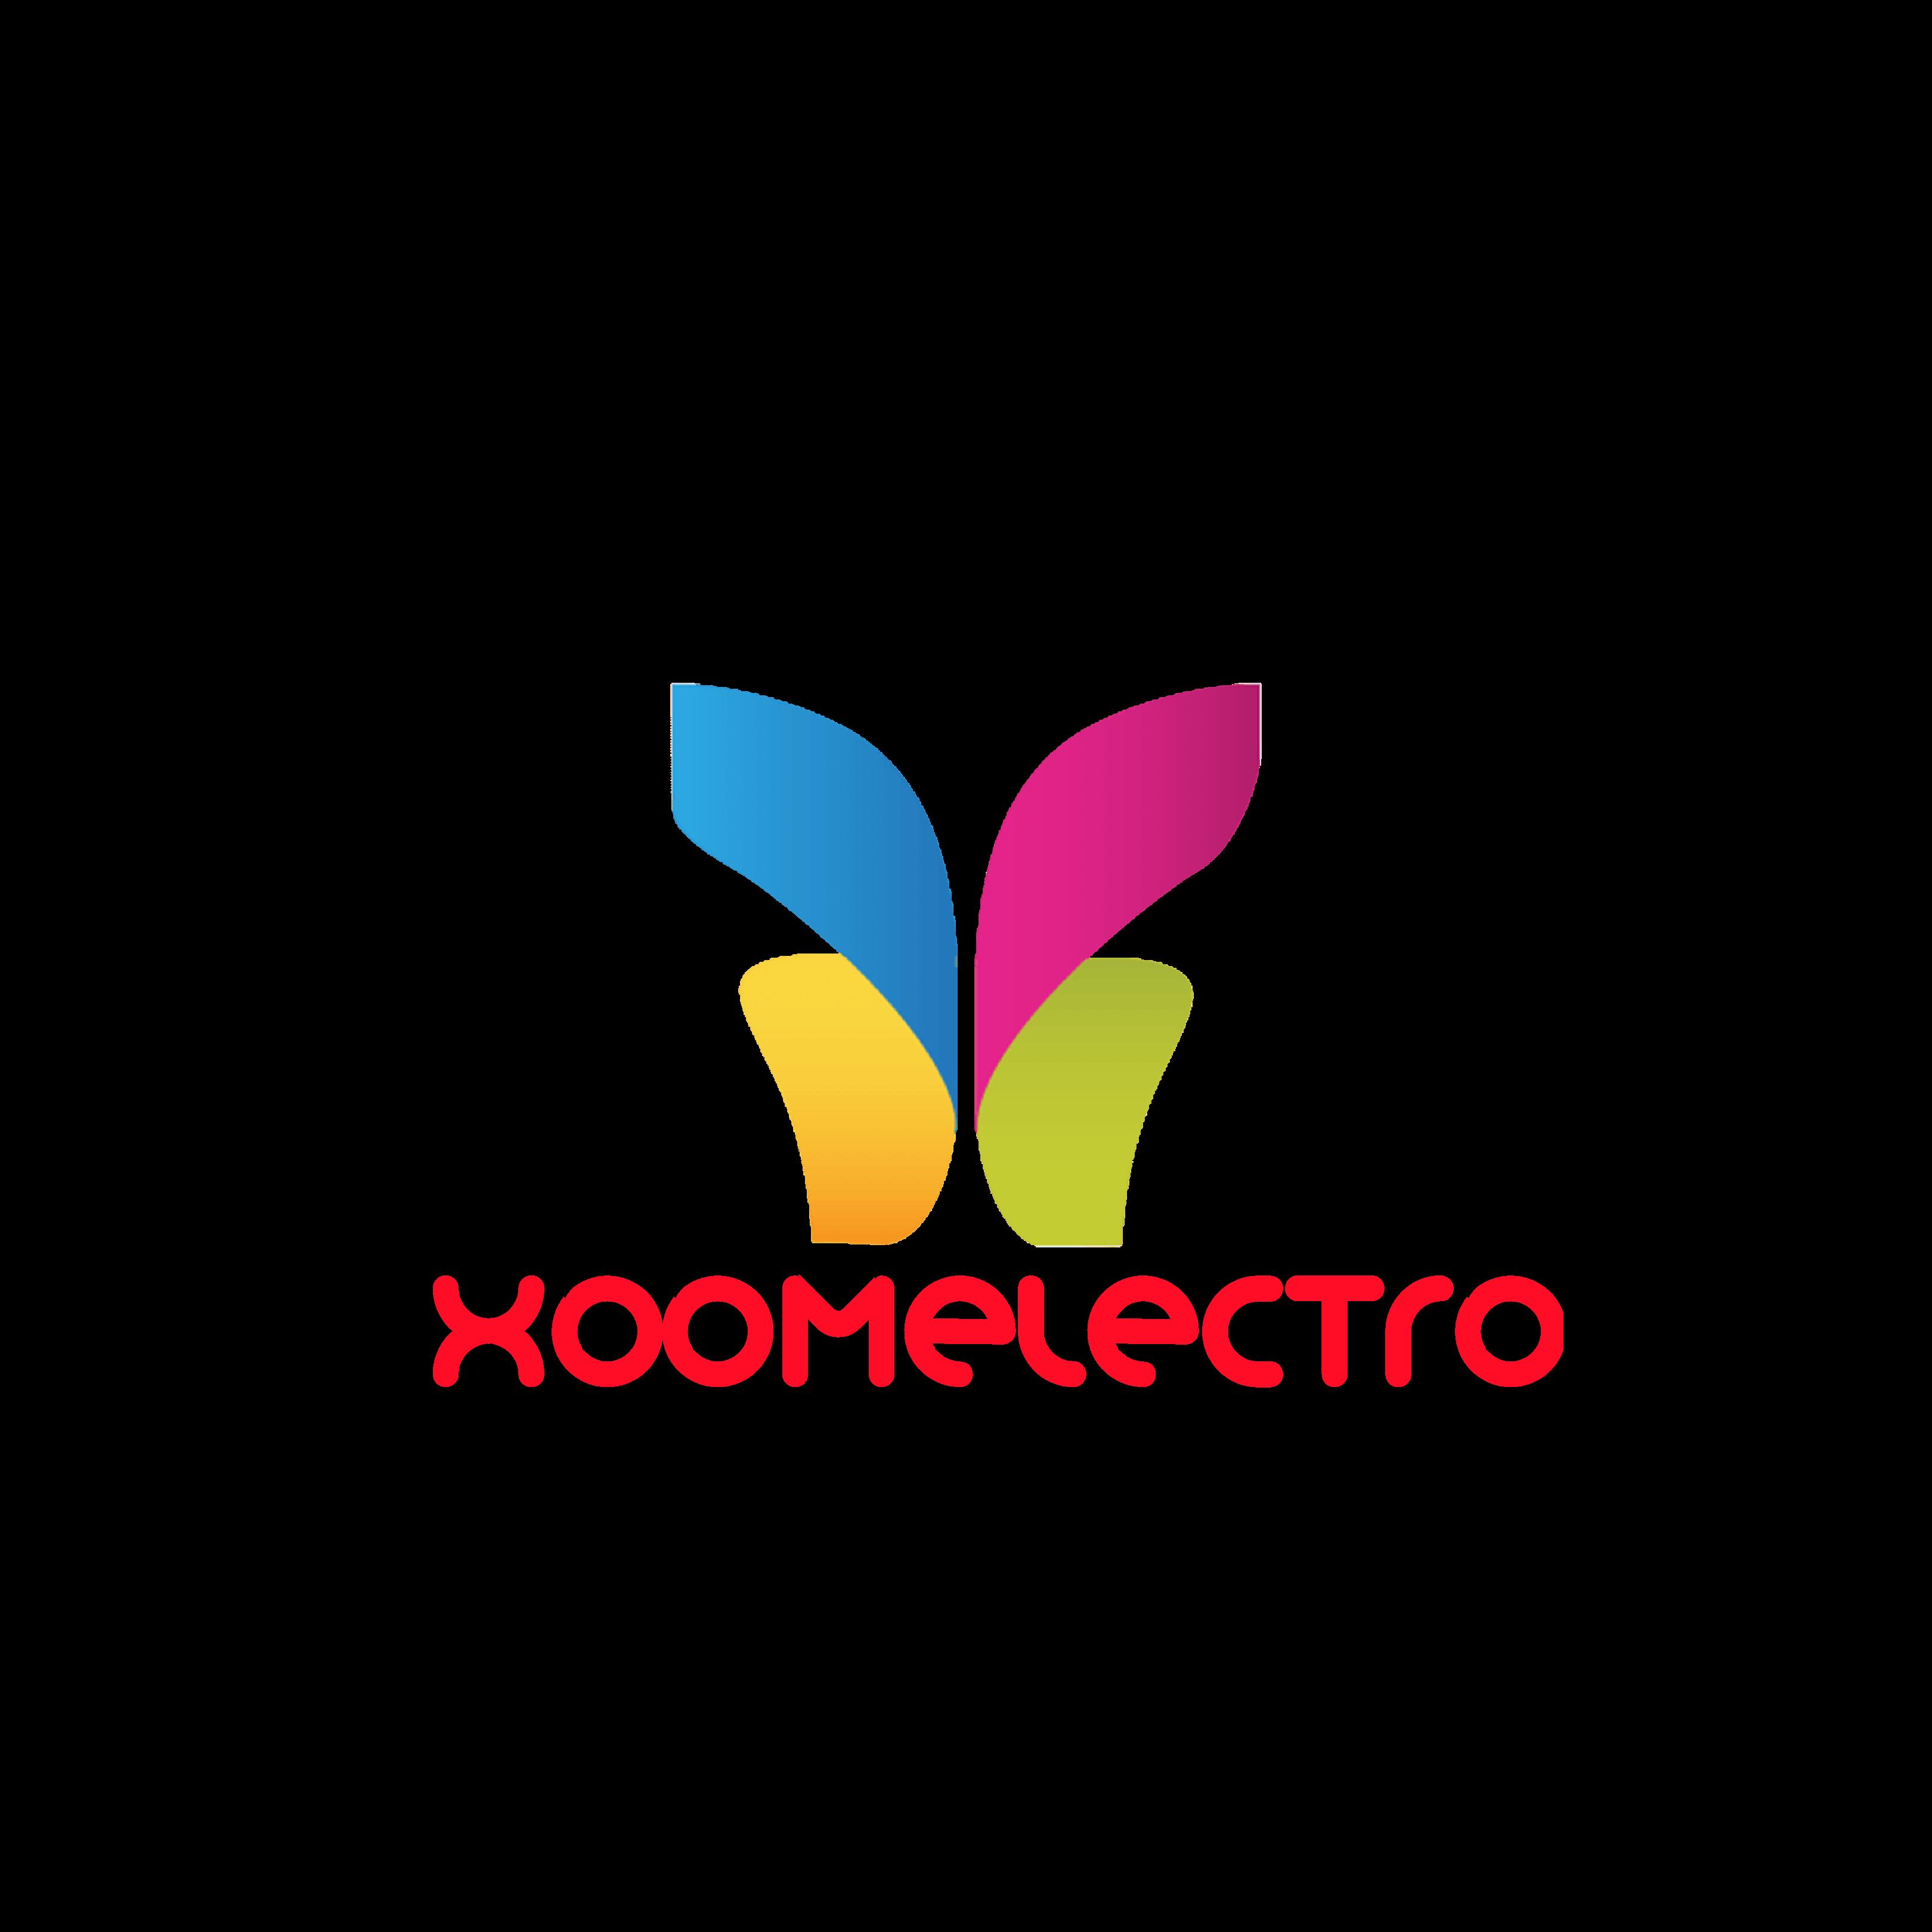 xoomelectronics|Faqs